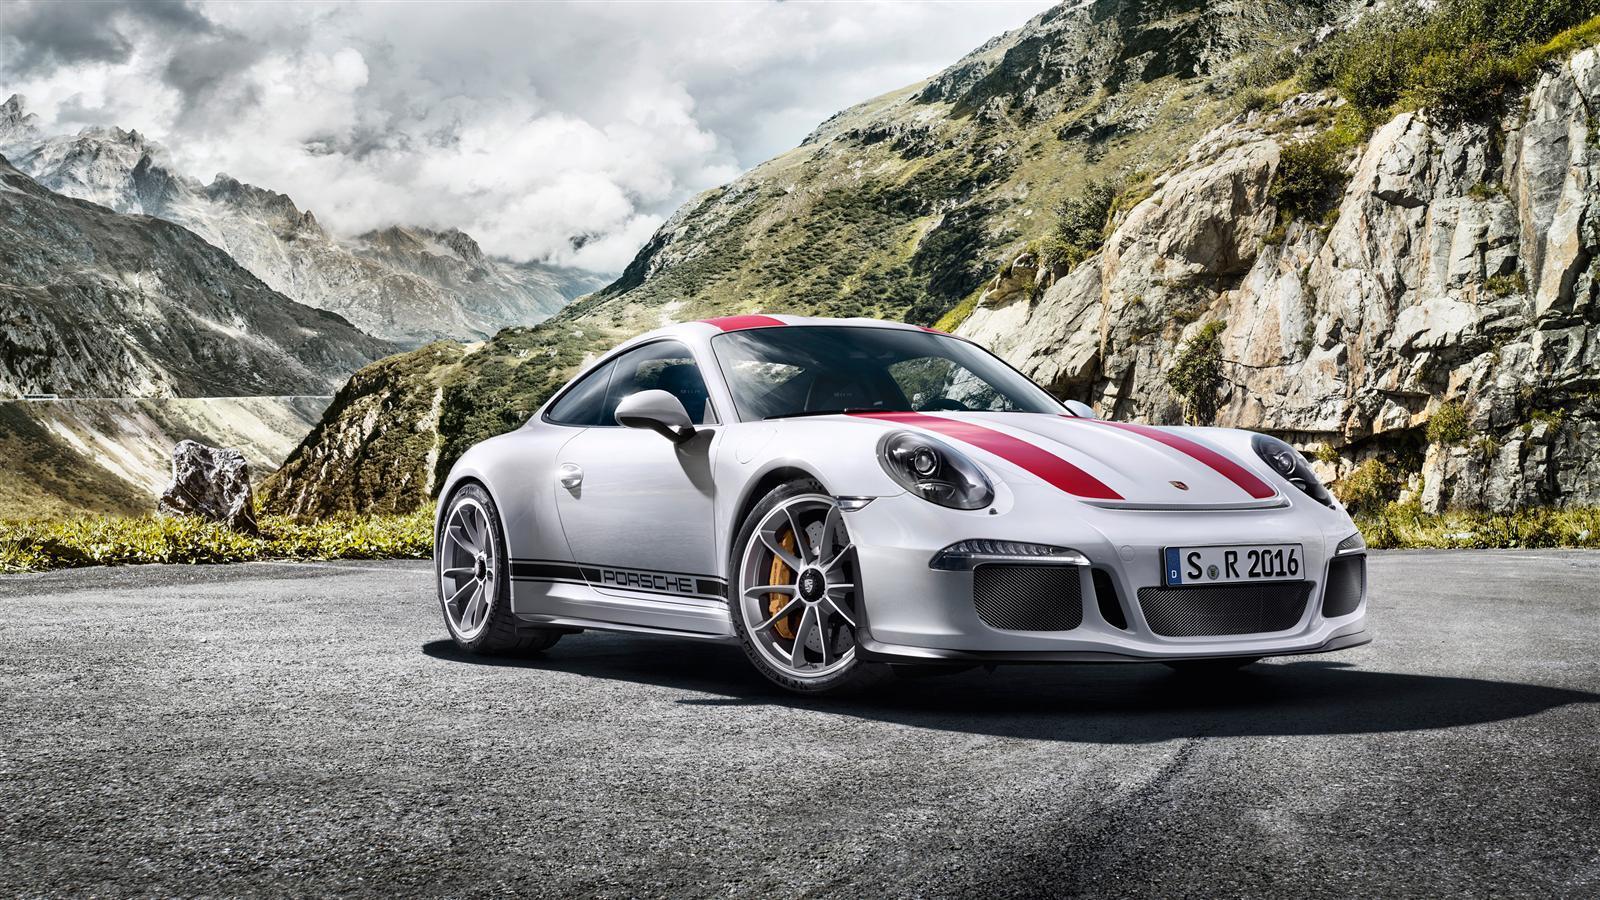 Sport Wallpaper Porsche 911: Porsche 911 R Wallpapers